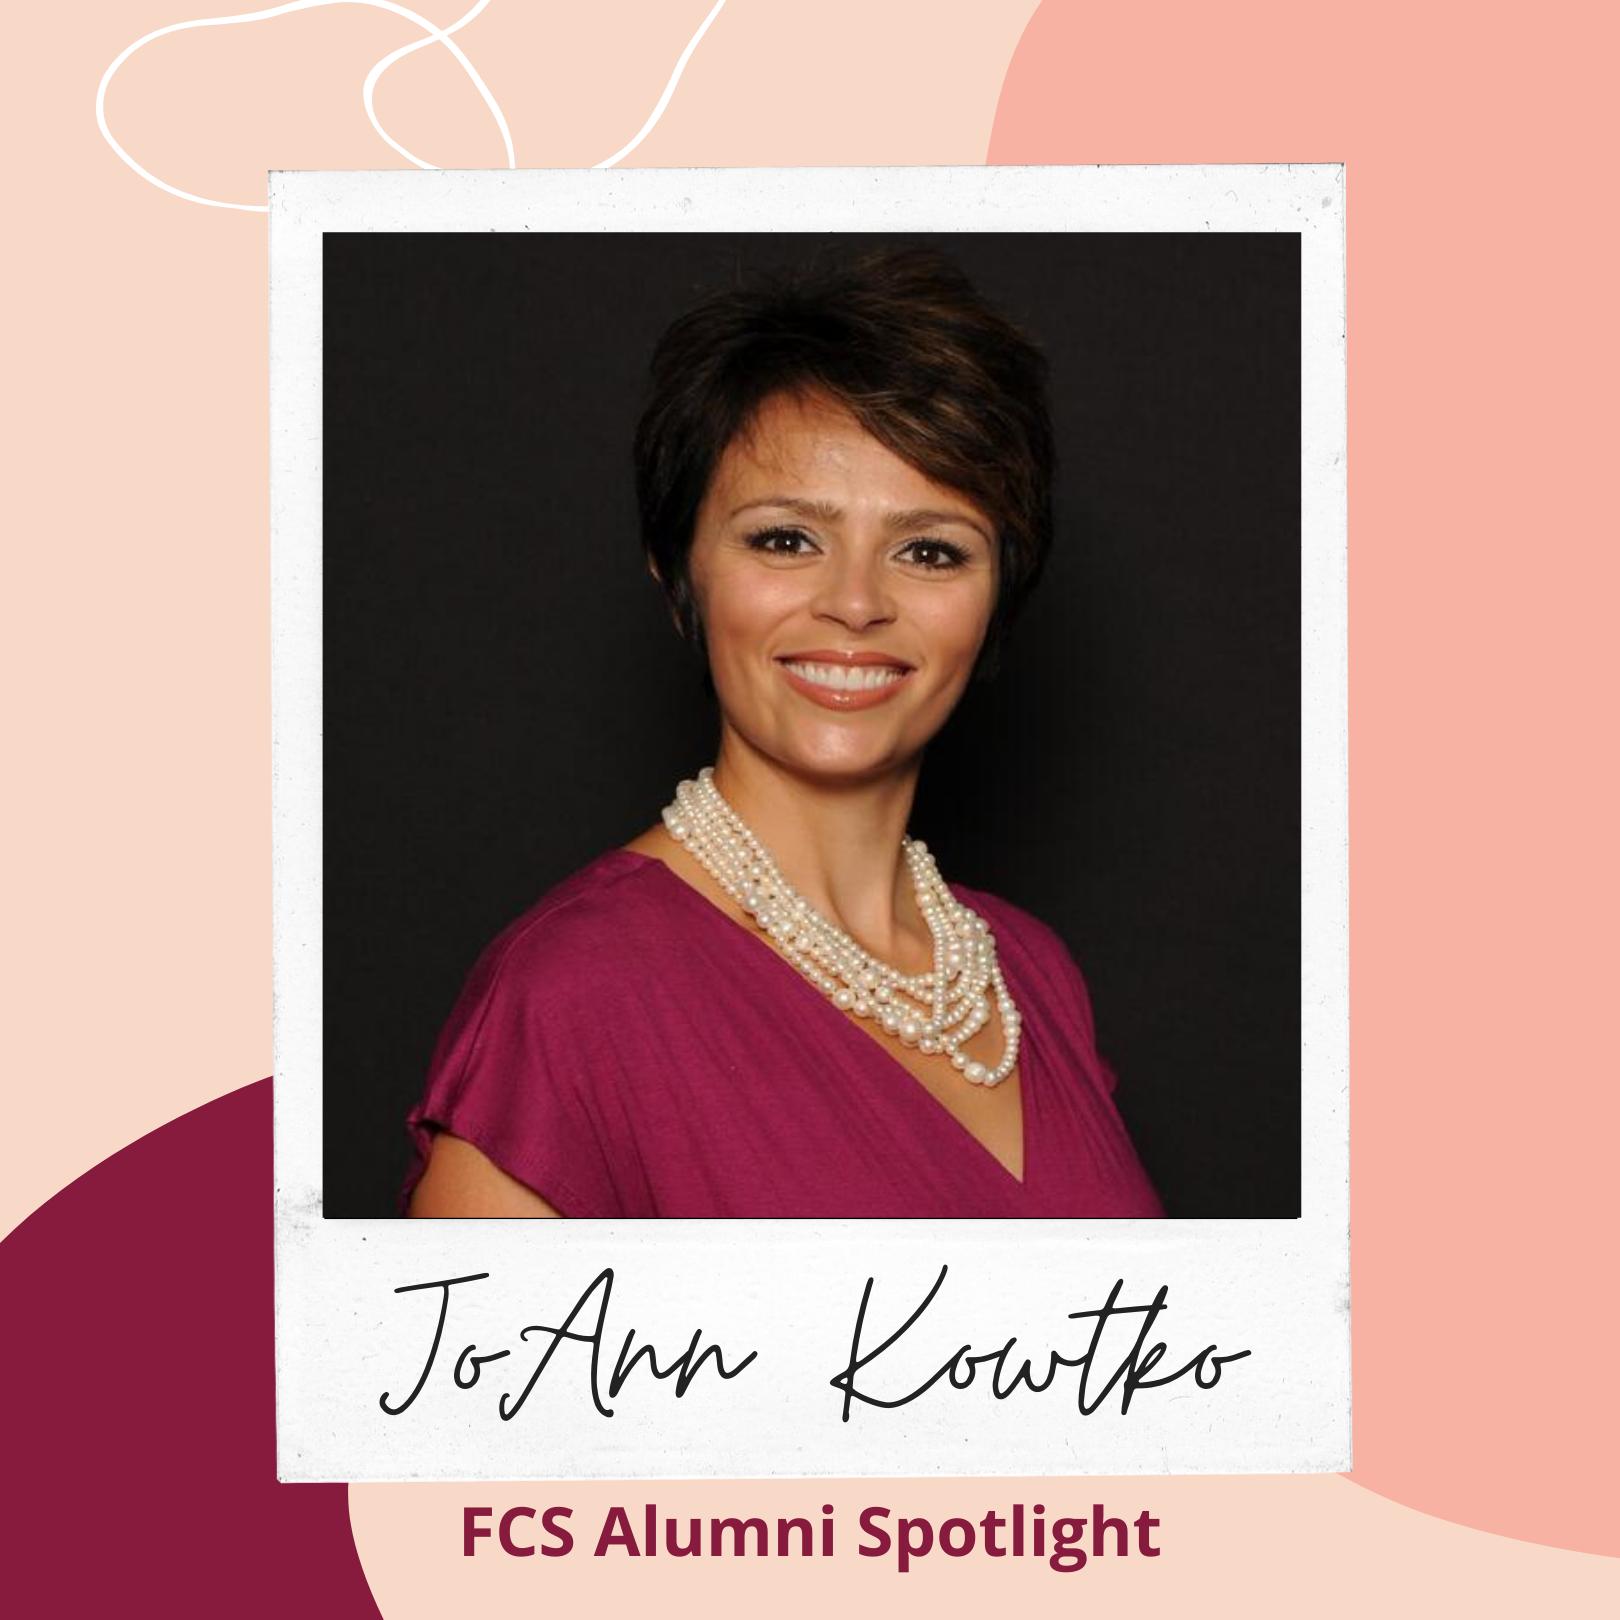 FCS Alumni Spotlight: JoAnn Kowtko